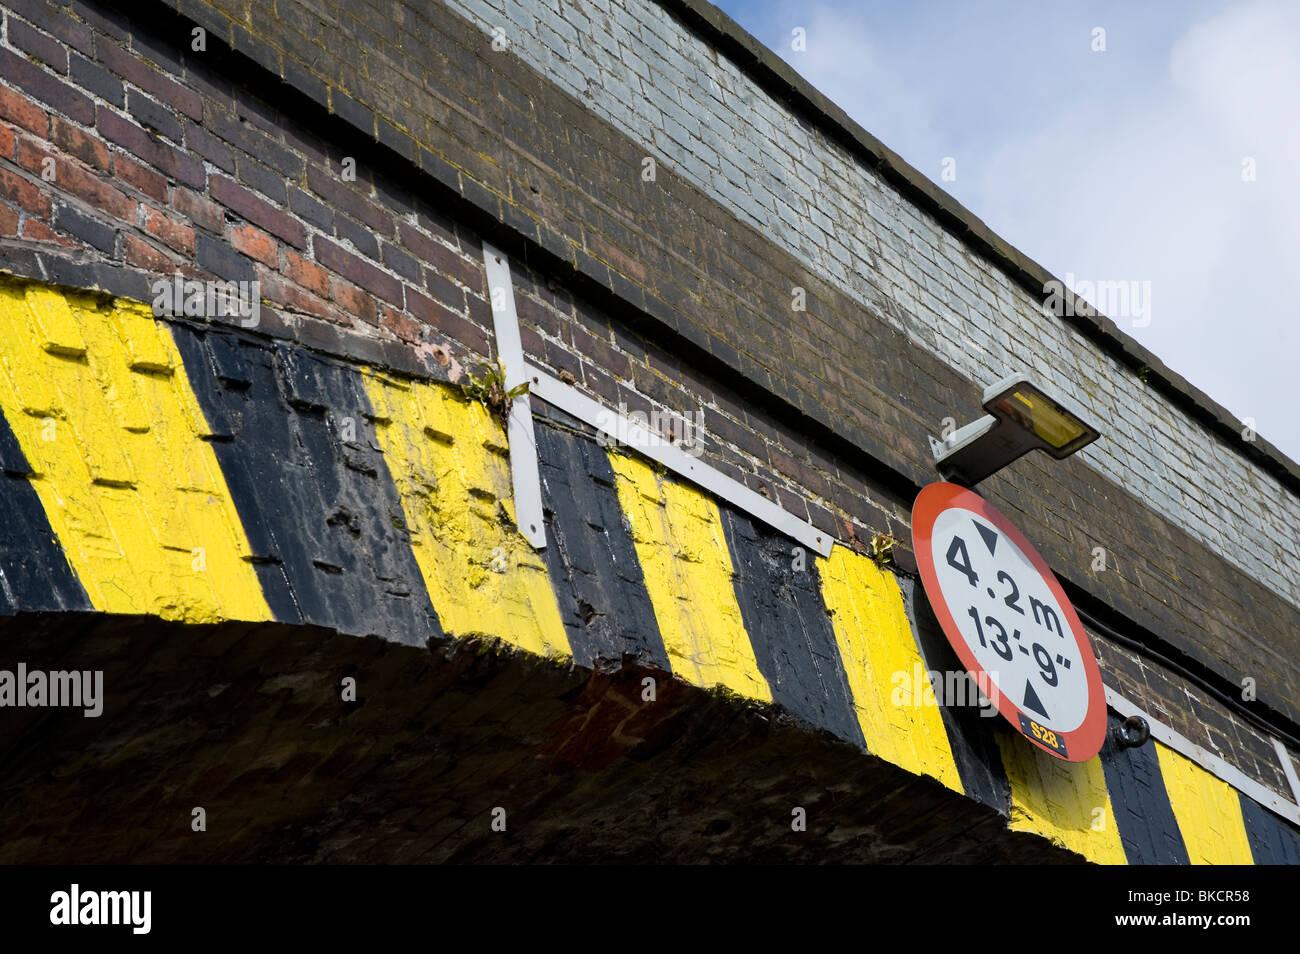 Panneau routier indiquant une limite de hauteur sur un pont de chemin de fer en Angleterre. Photo Stock